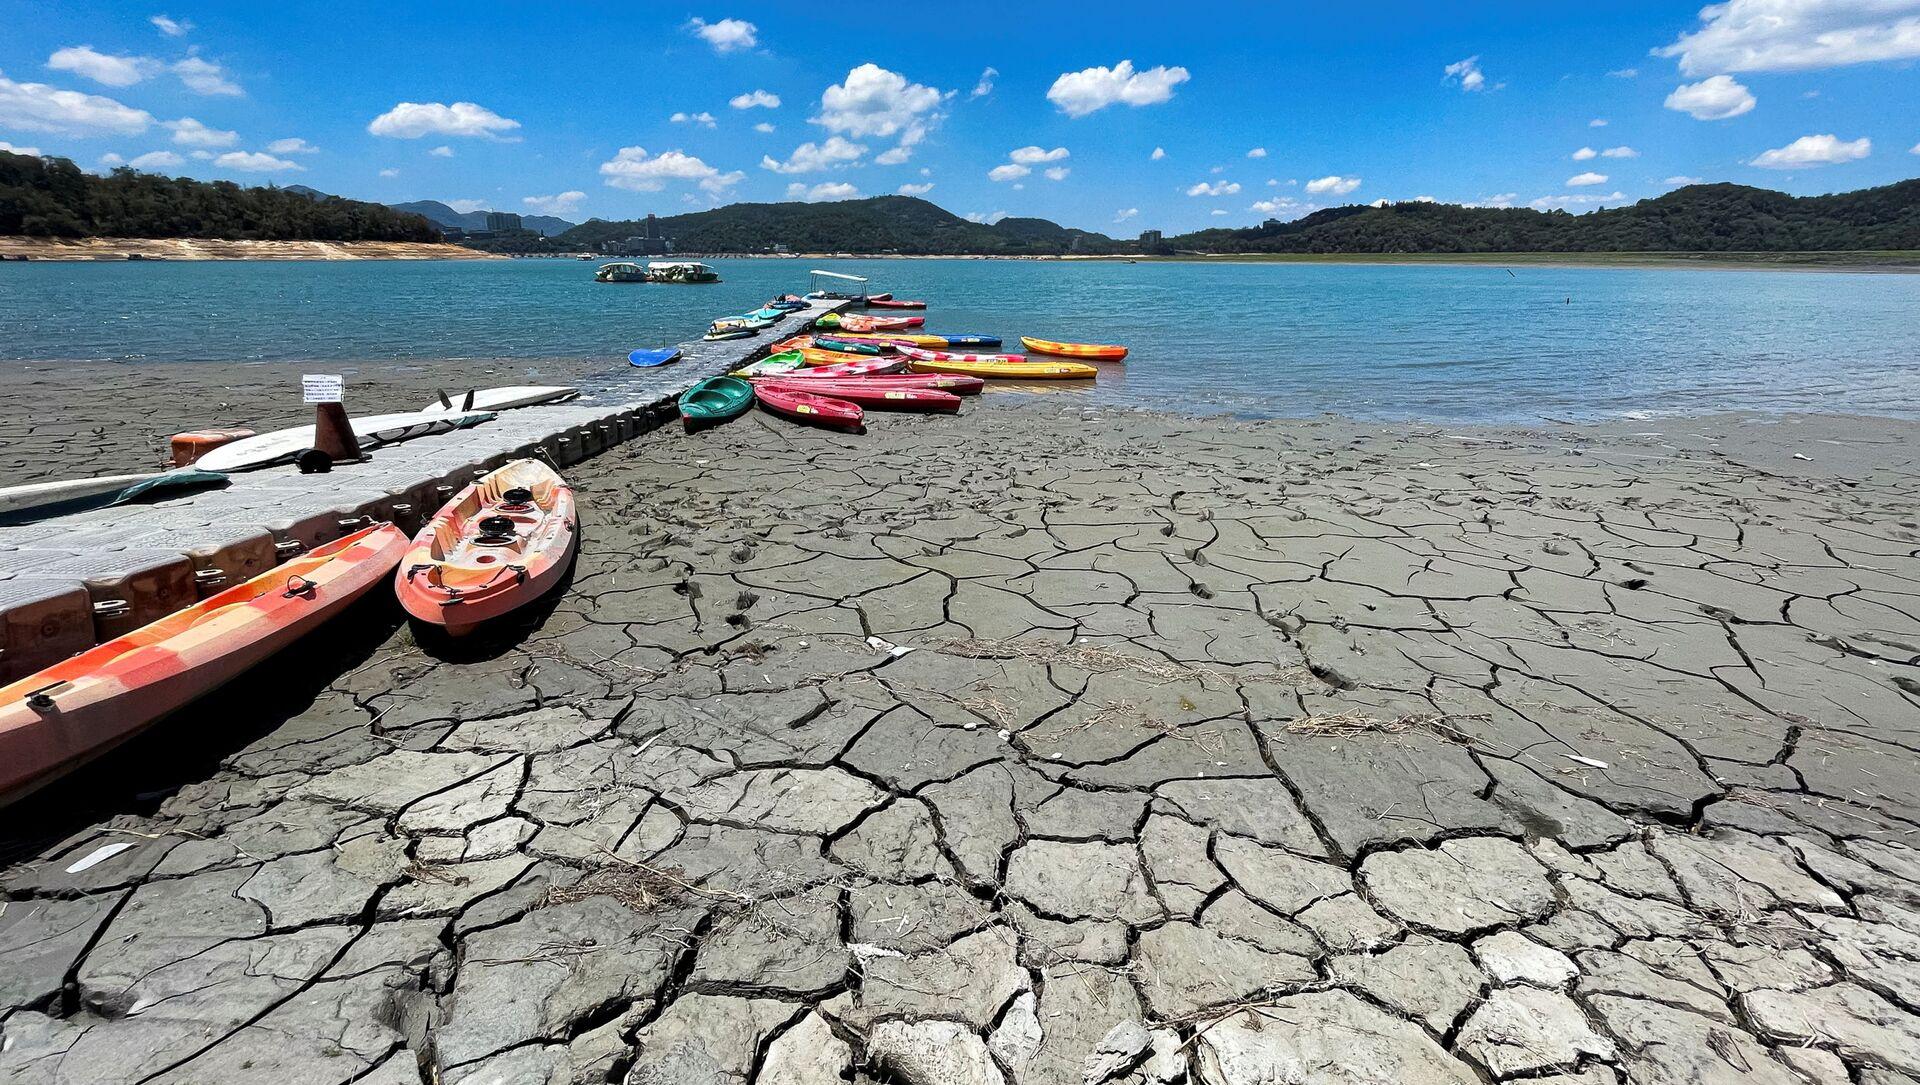 Hồ nước thấp San Moon trong đợt hạn hán trên một hòn đảo ở Nam Đầu, Đài Loan - Sputnik Việt Nam, 1920, 11.06.2021